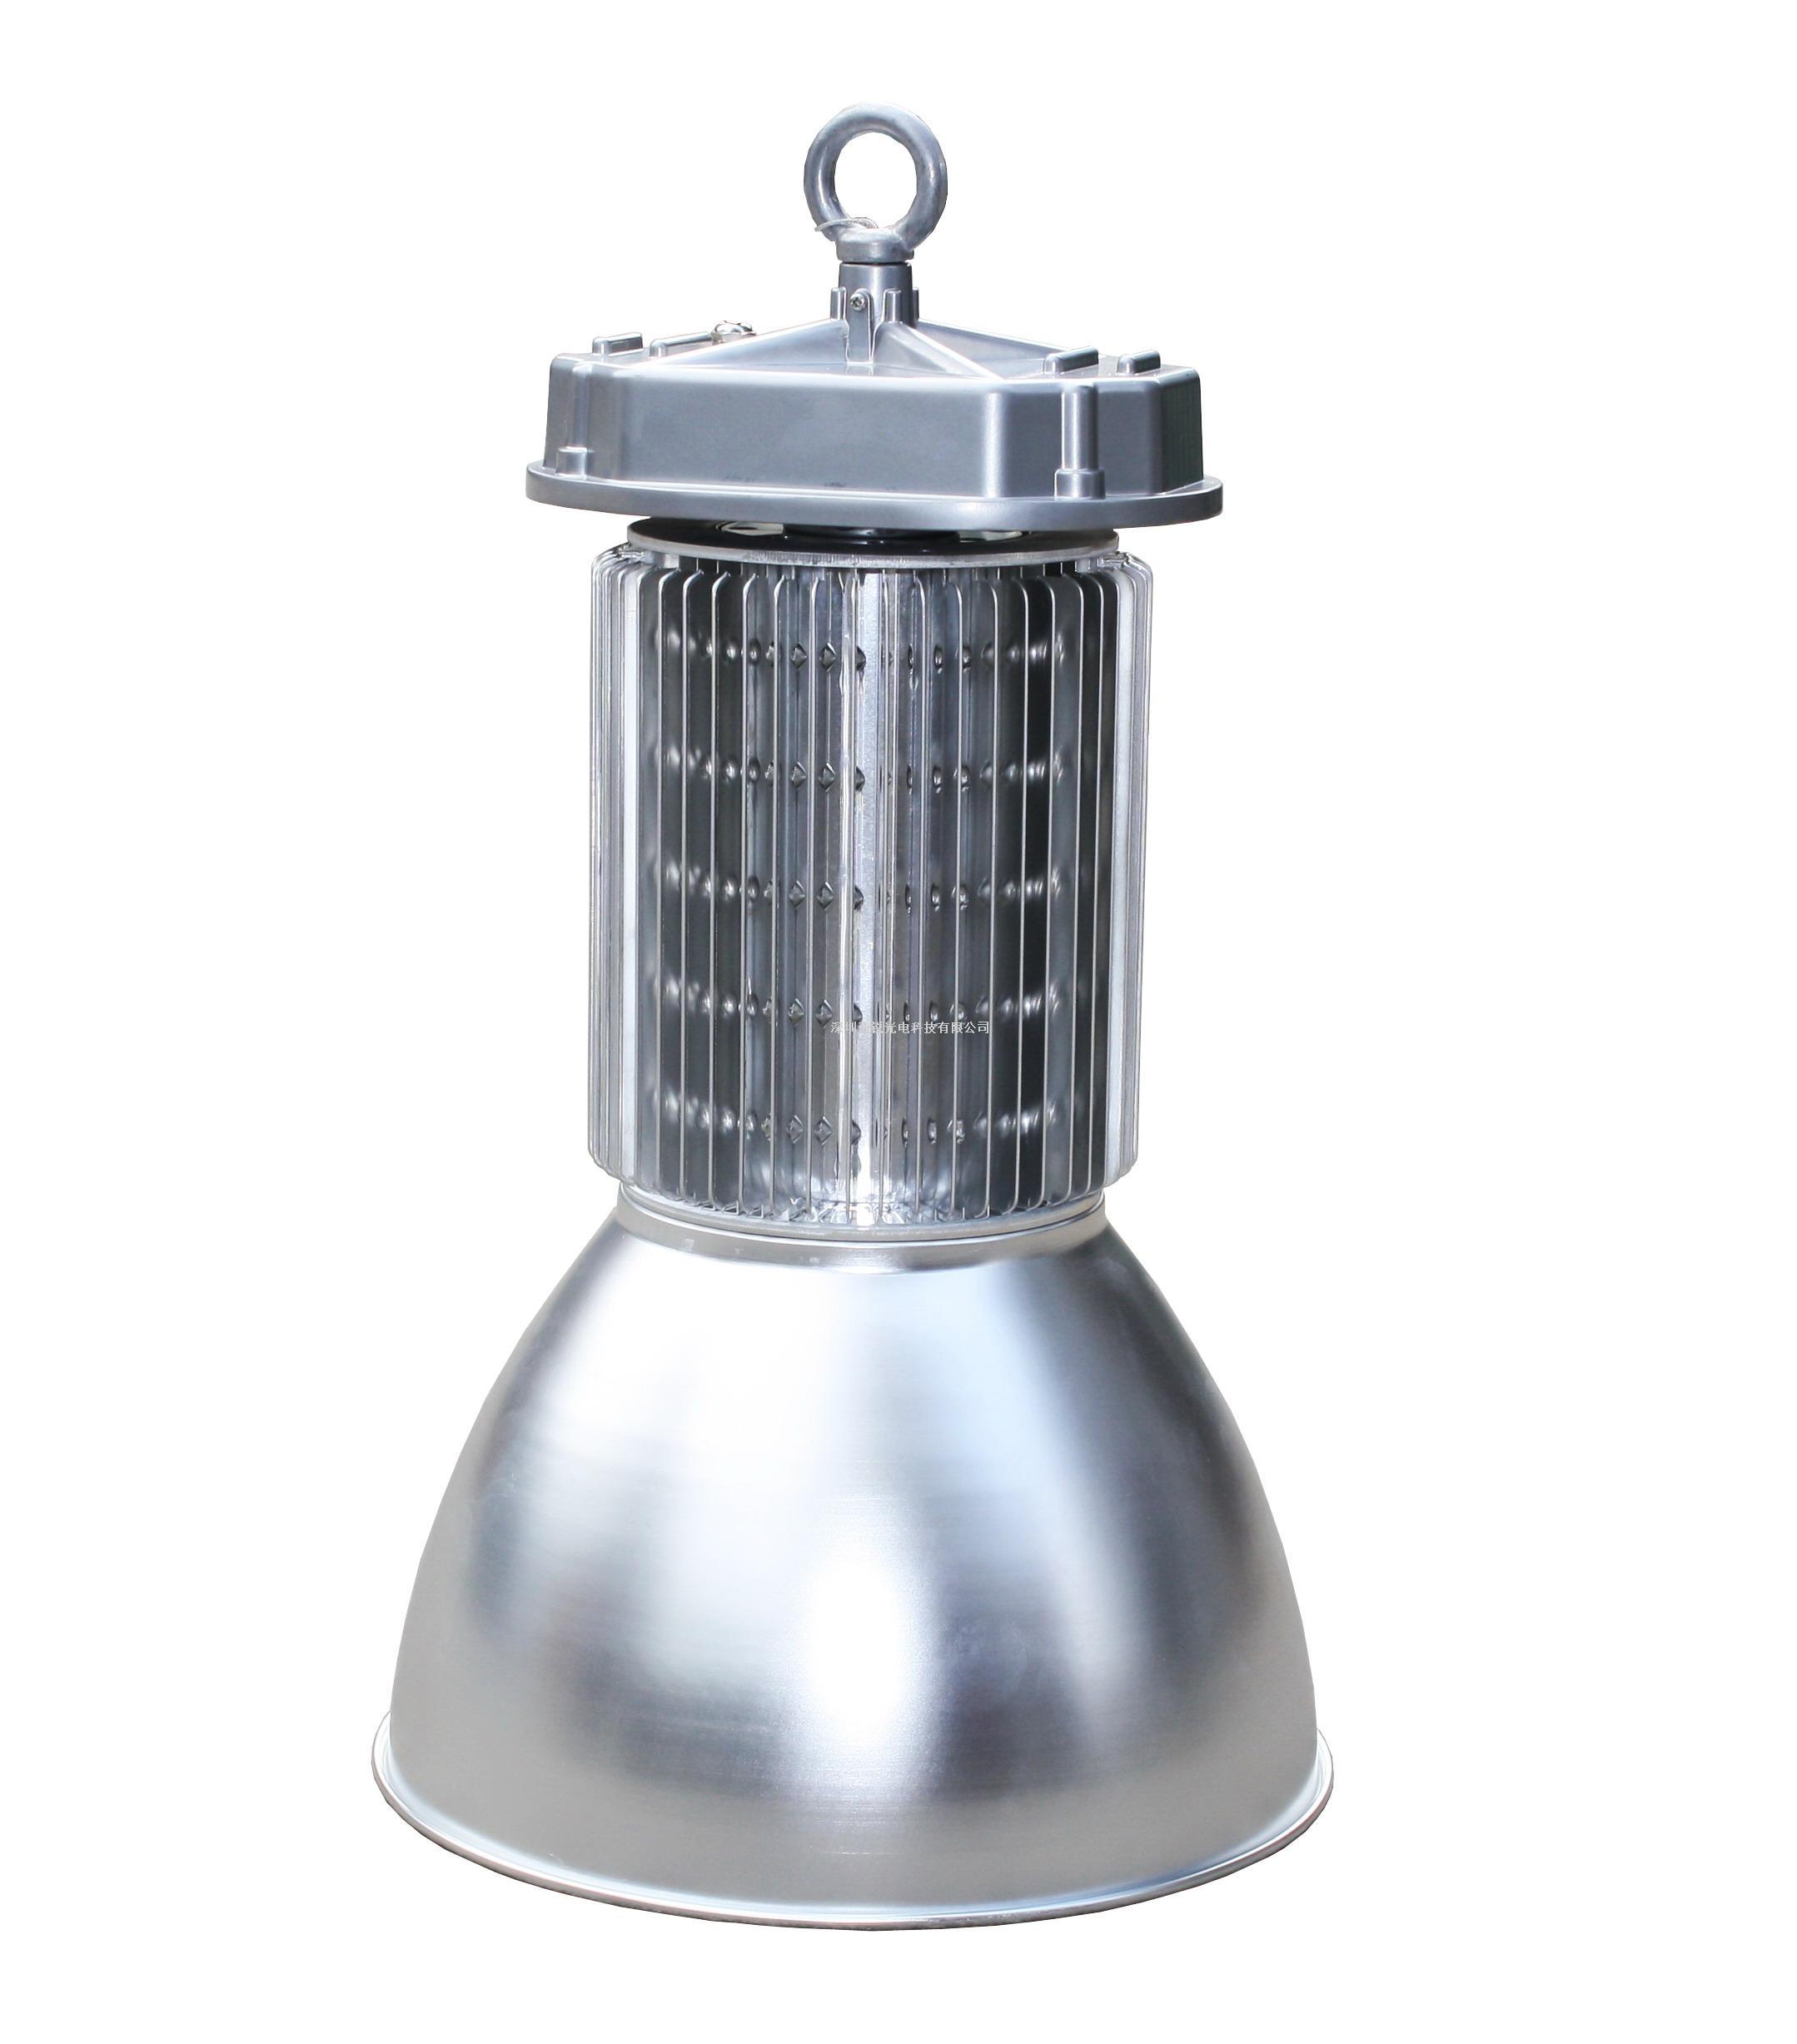 亚锐光电 超高亮100W LED工矿灯 LUX-HB-100